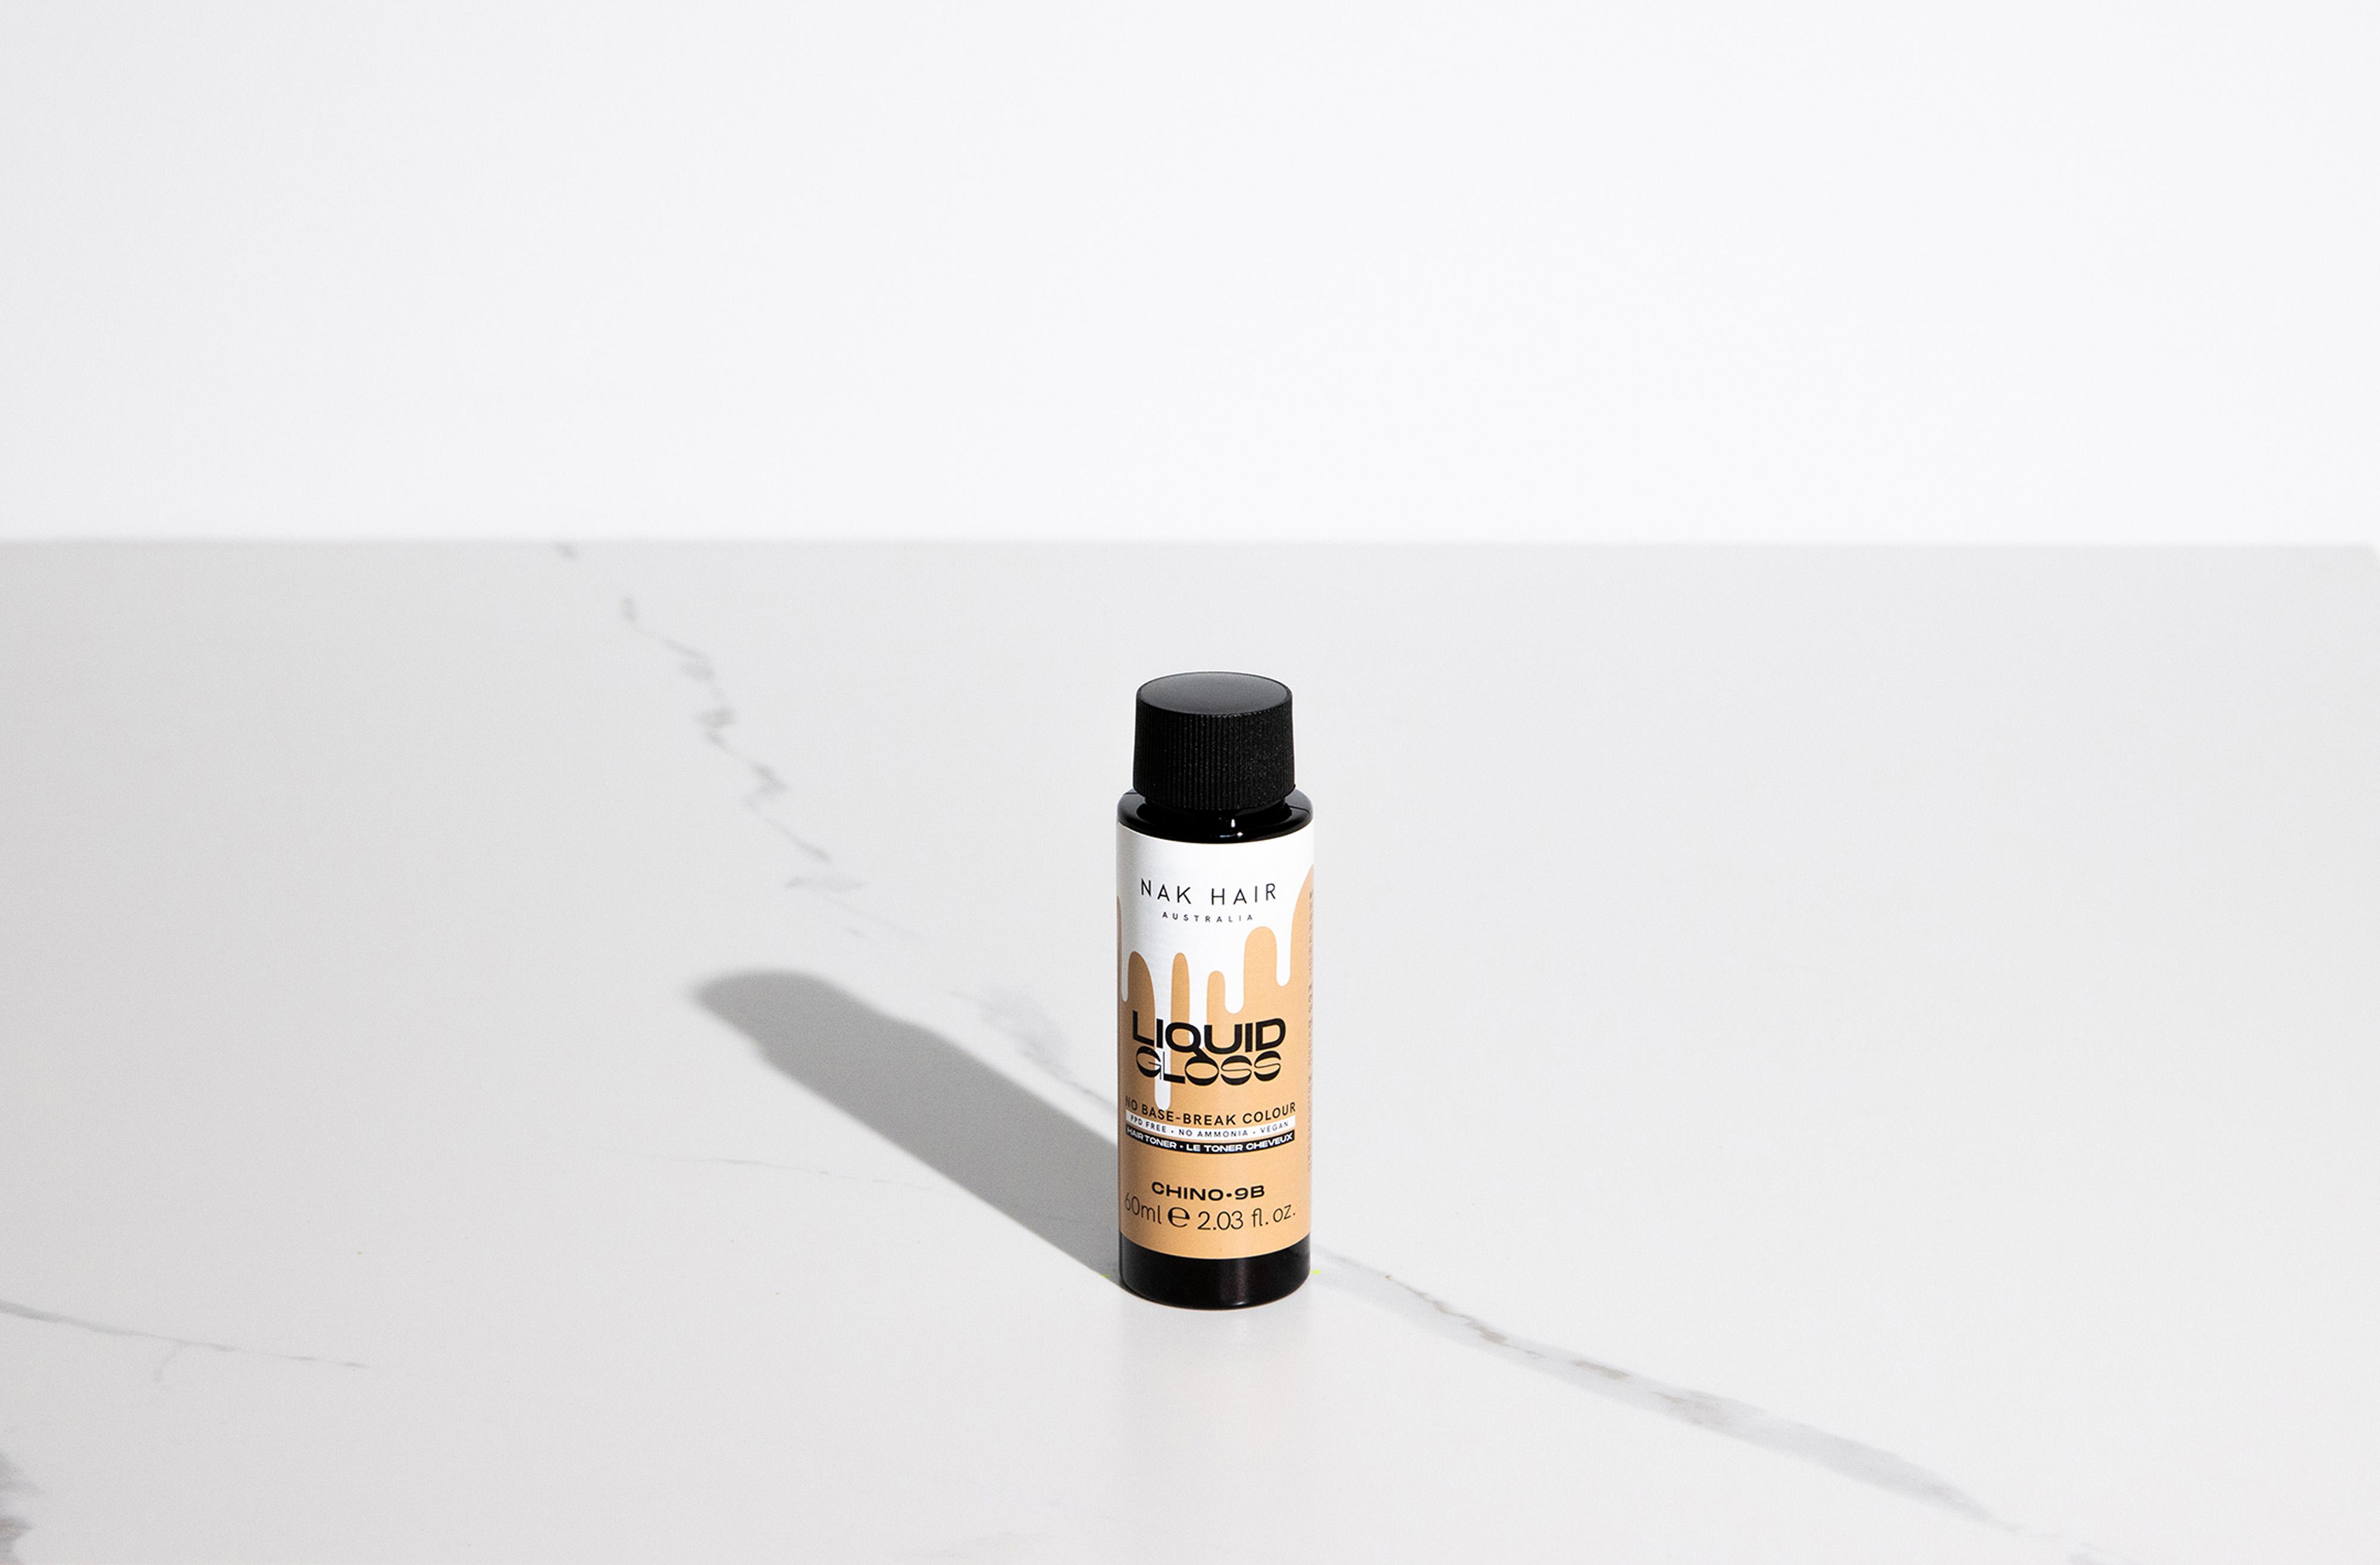 NAK Liquid Gloss Chino 60ml